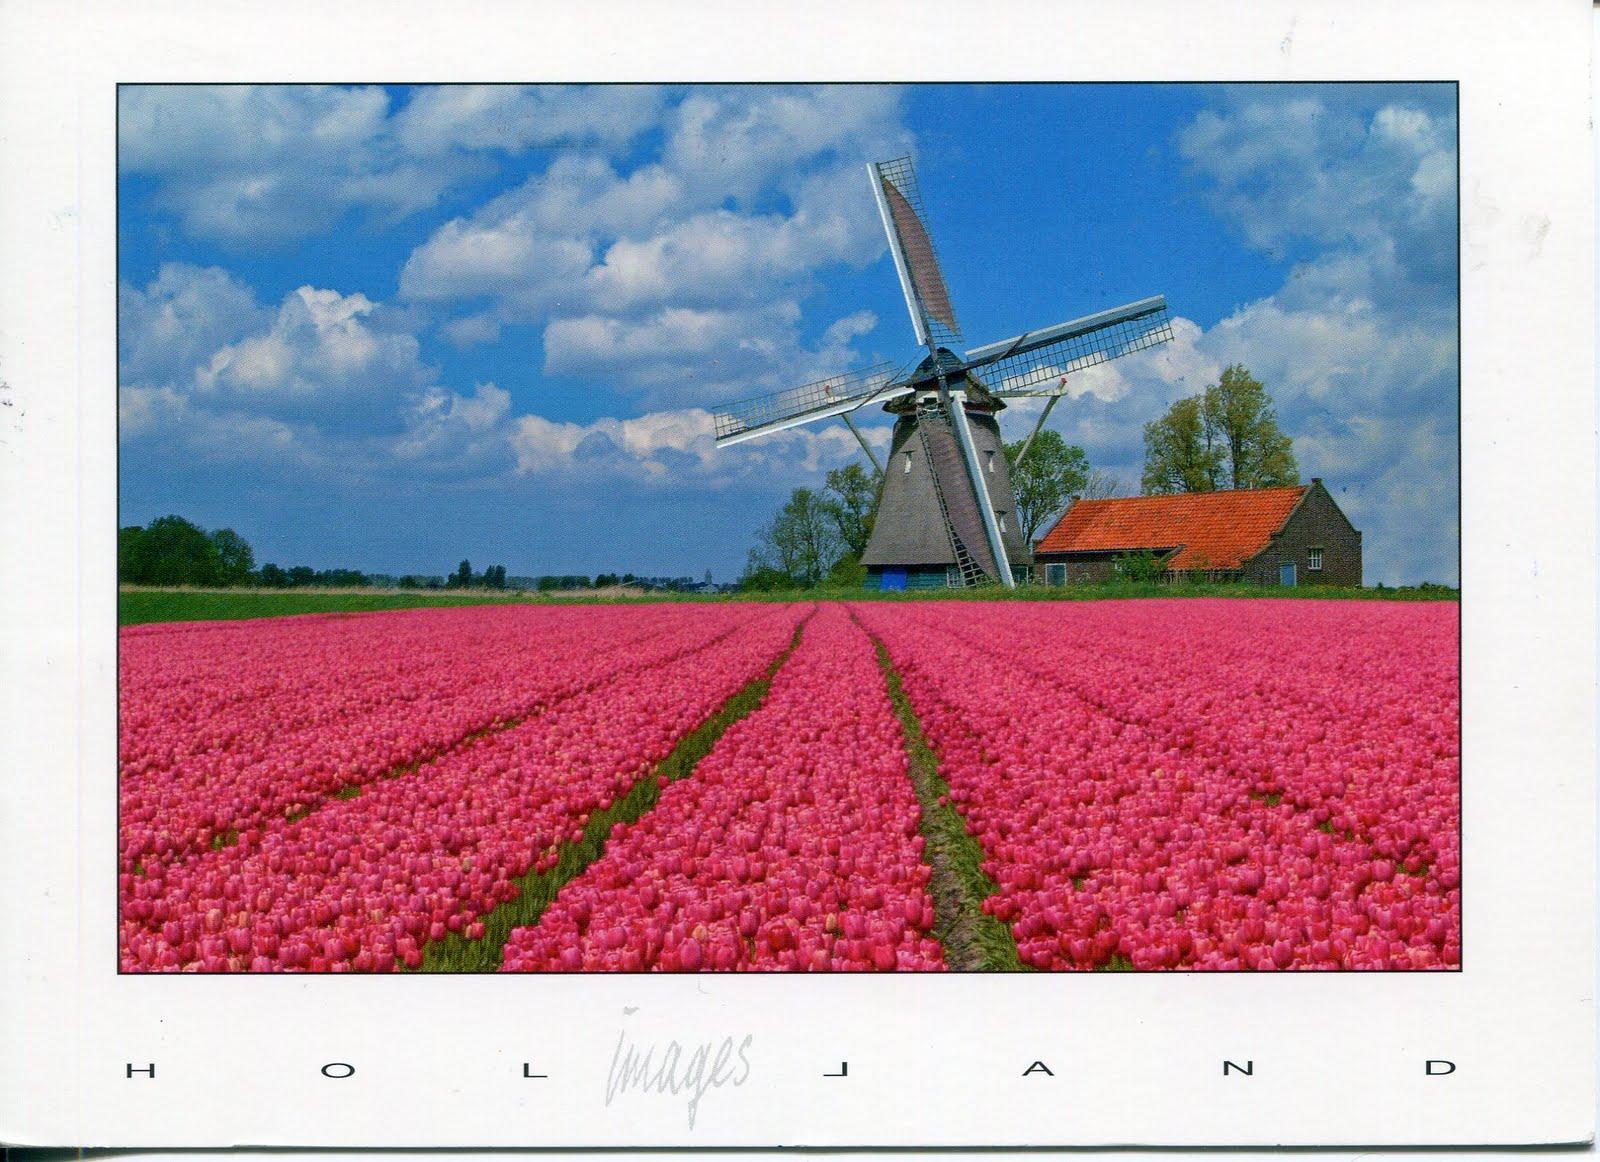 Holandija J-nl-windmill338